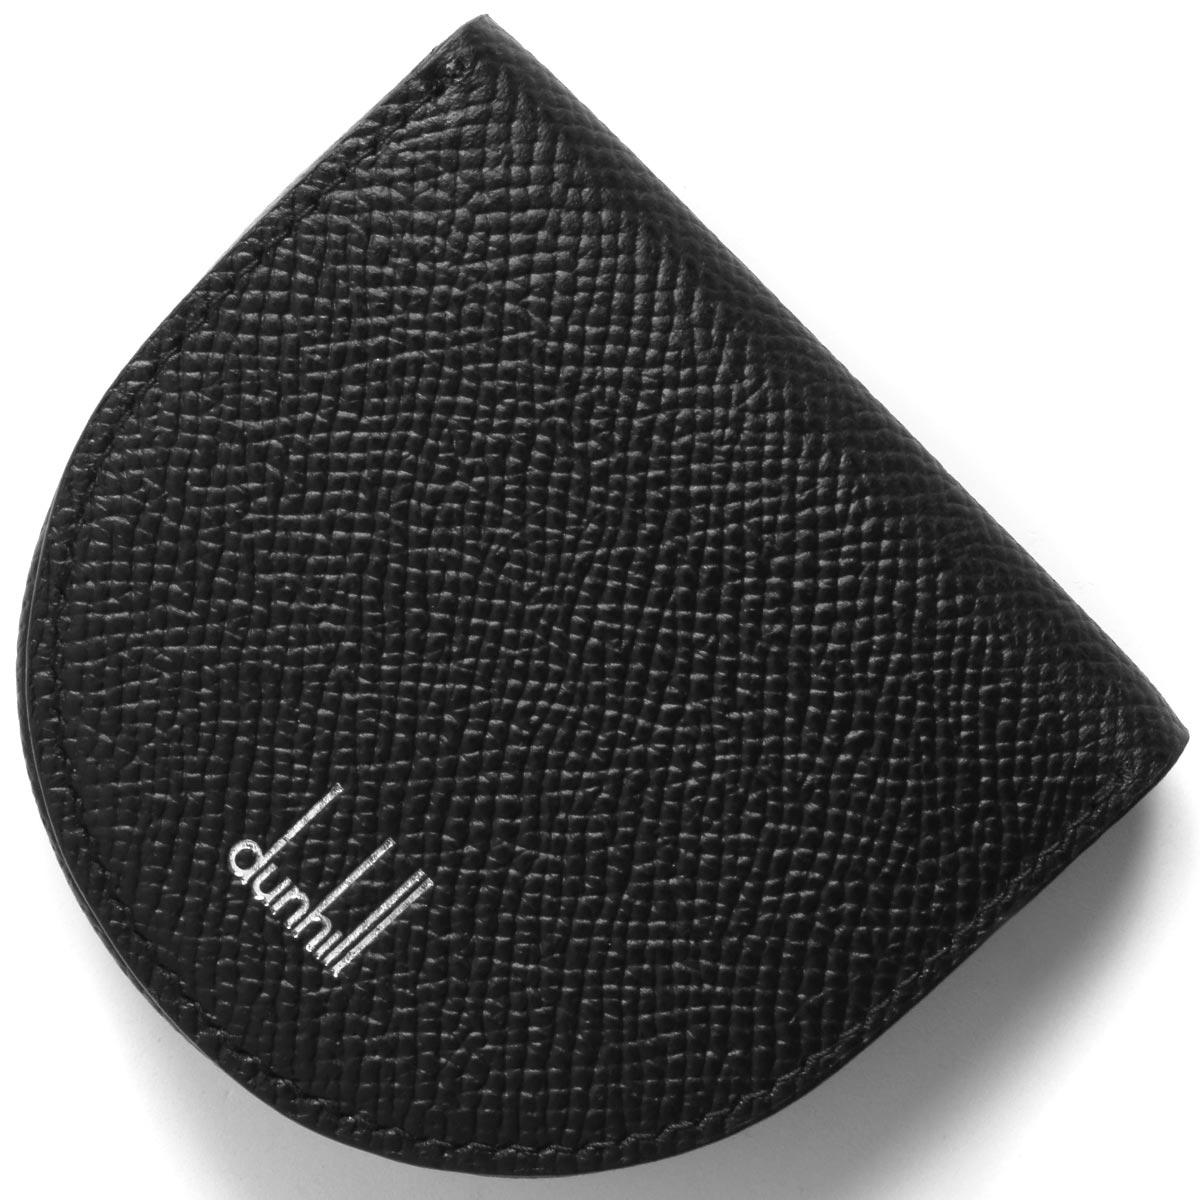 ダンヒル コインケース【小銭入れ】 財布 メンズ カドガン ブラック DU18F2010CA 001 DUNHILL